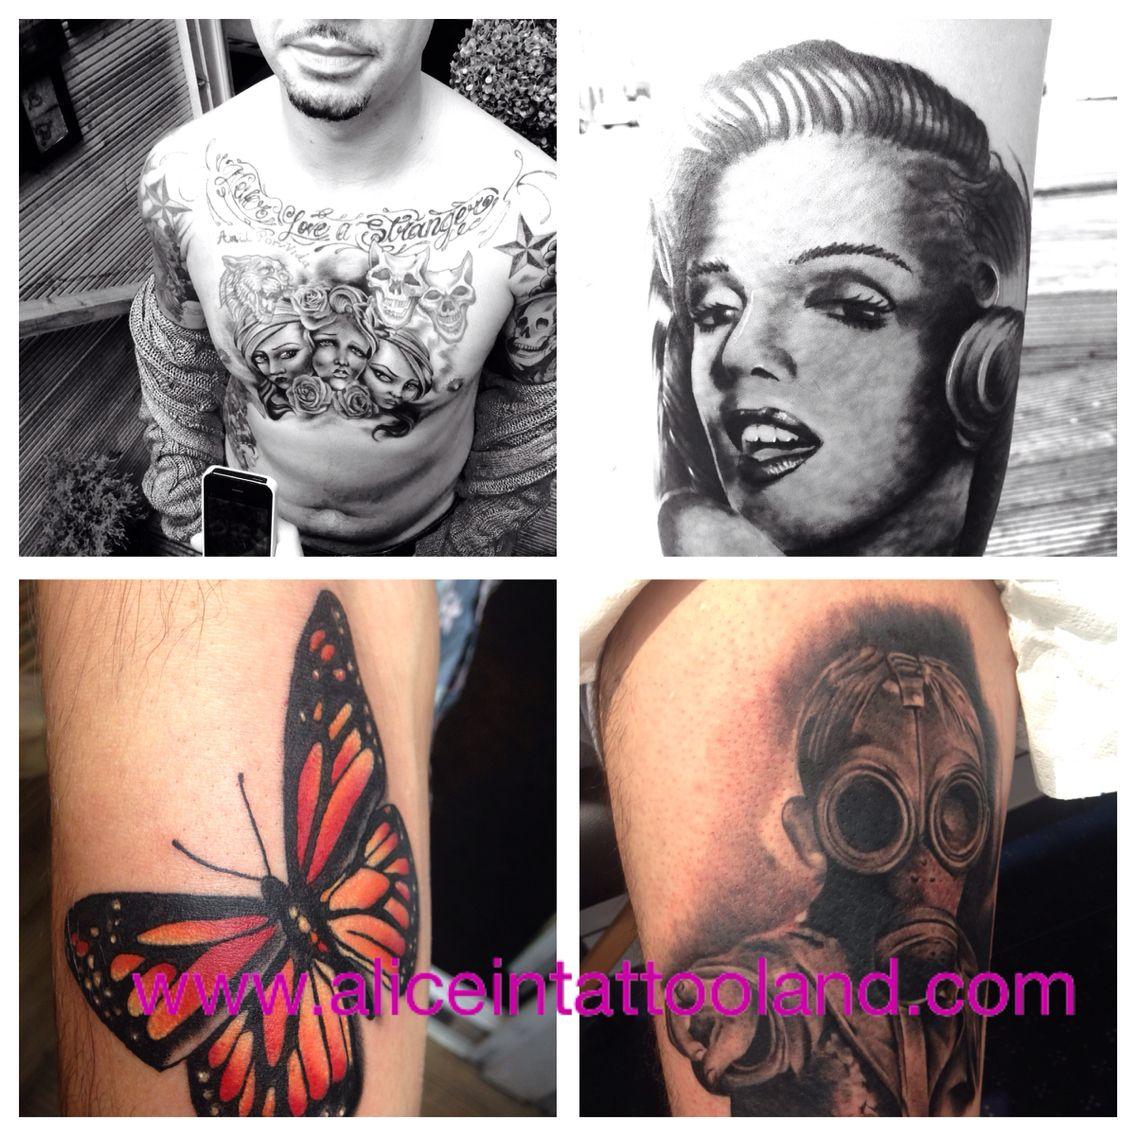 Fleshformers London London Tattoo Tattoos Traditional Tattoo